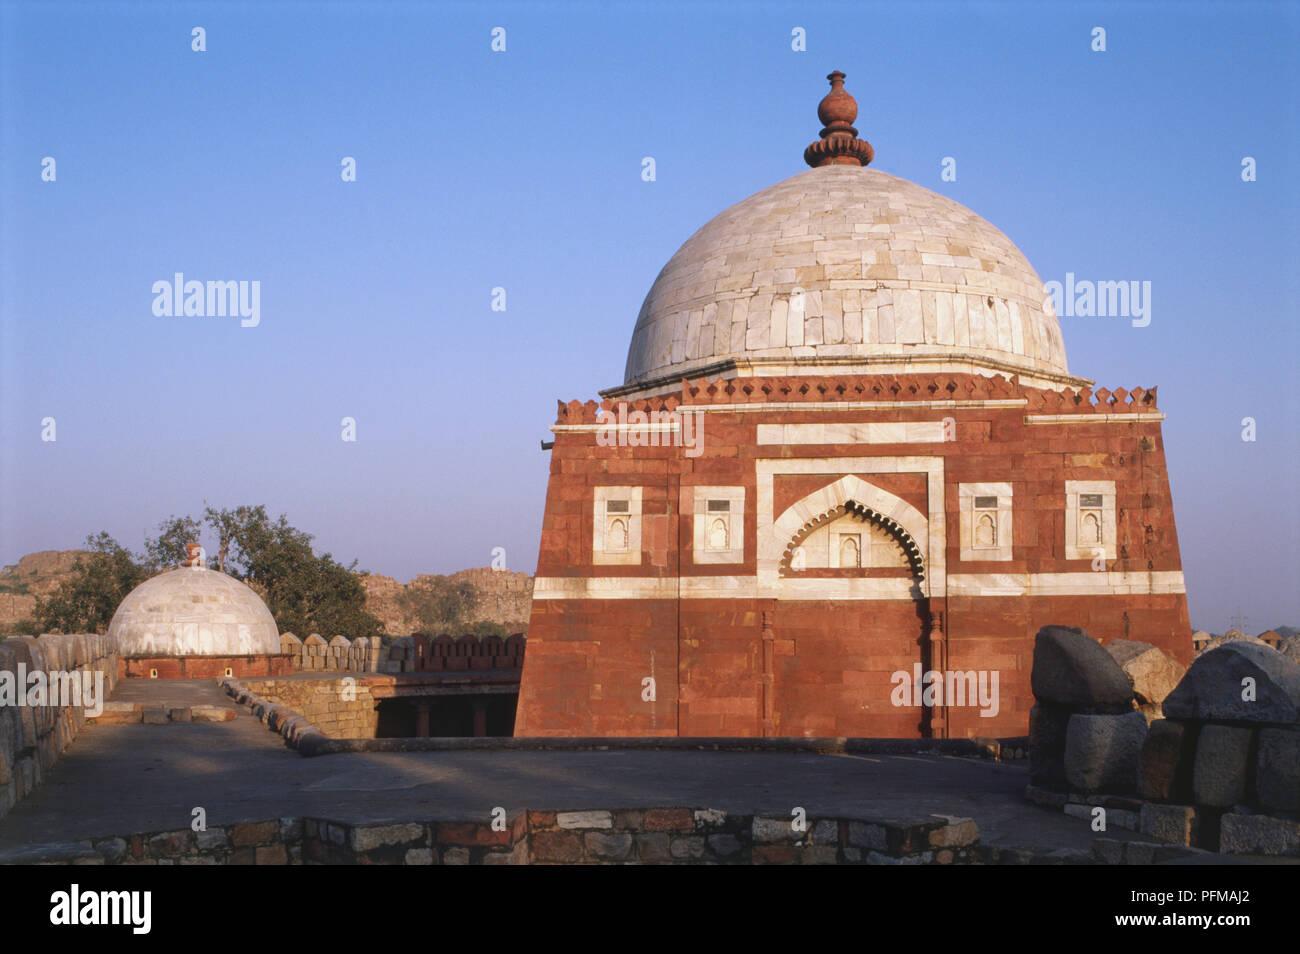 La India, Delhi, Tughlaqabad, Ghiyasuddin Tughlaq's Tomb, el